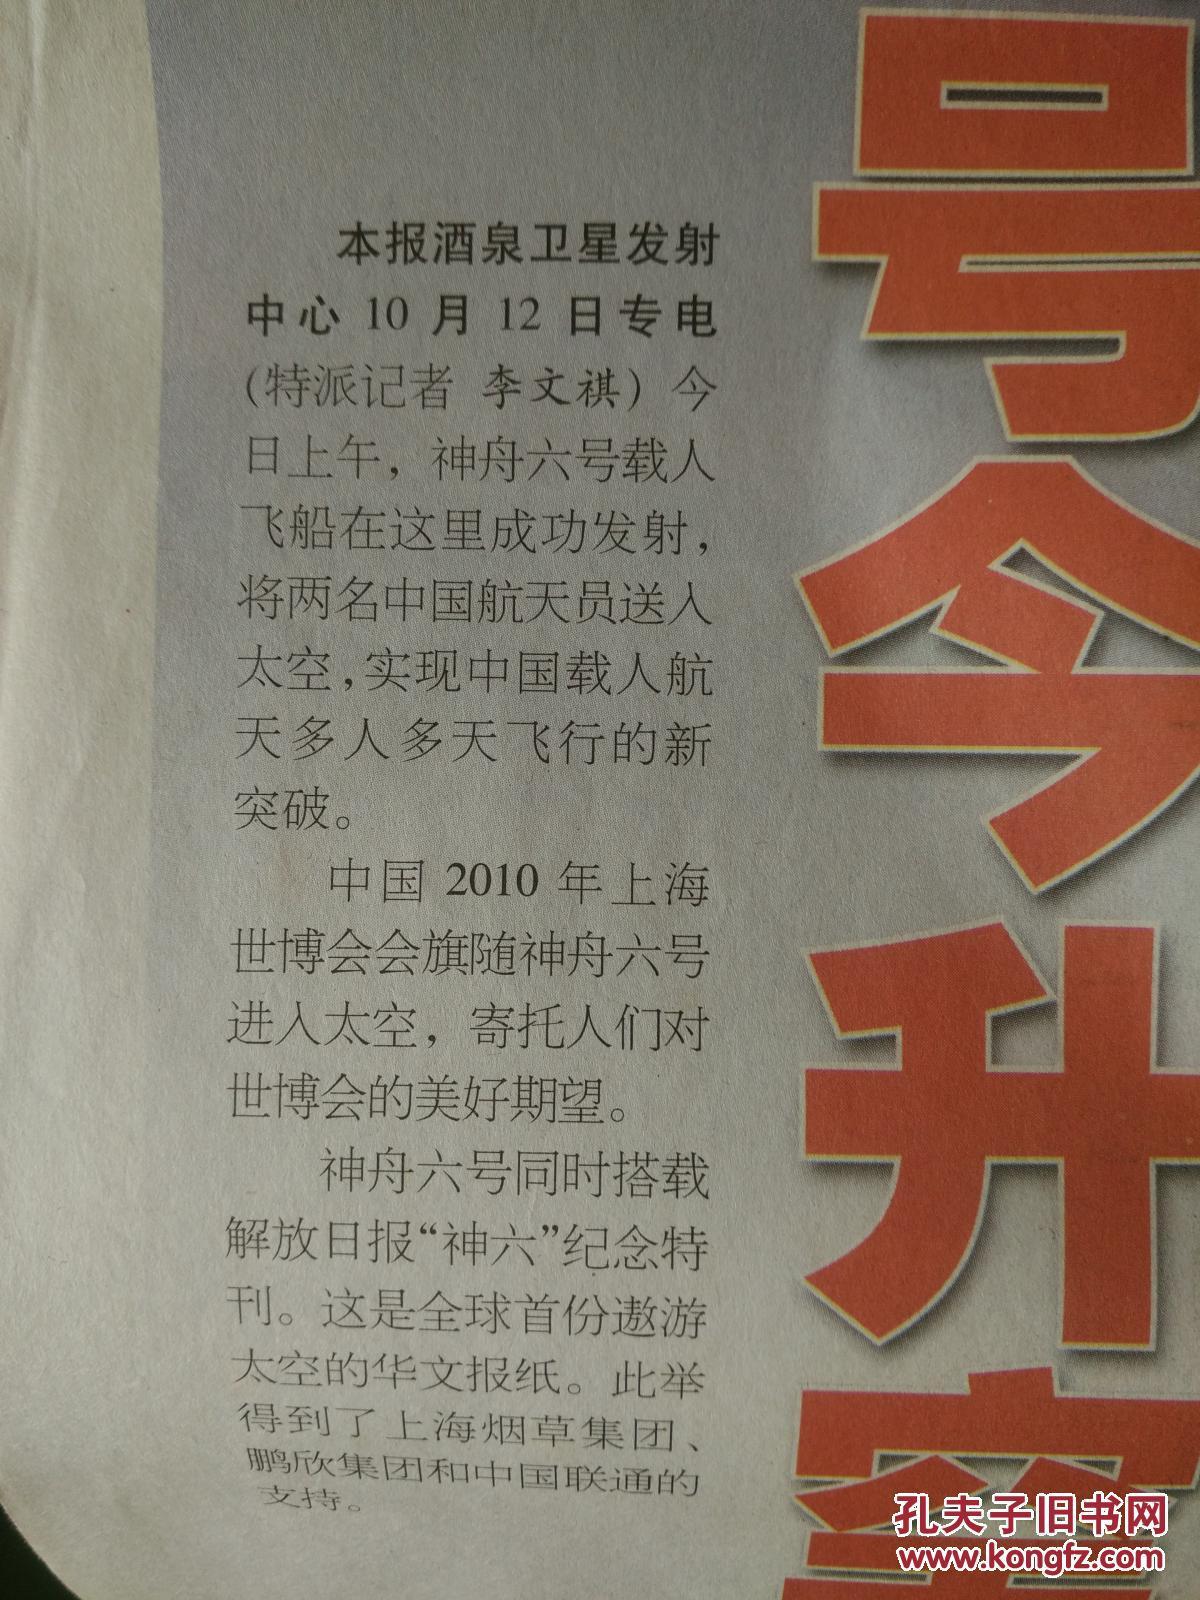 【图】解放日报视频2005年10月12号神舟六号儿的号外生图片